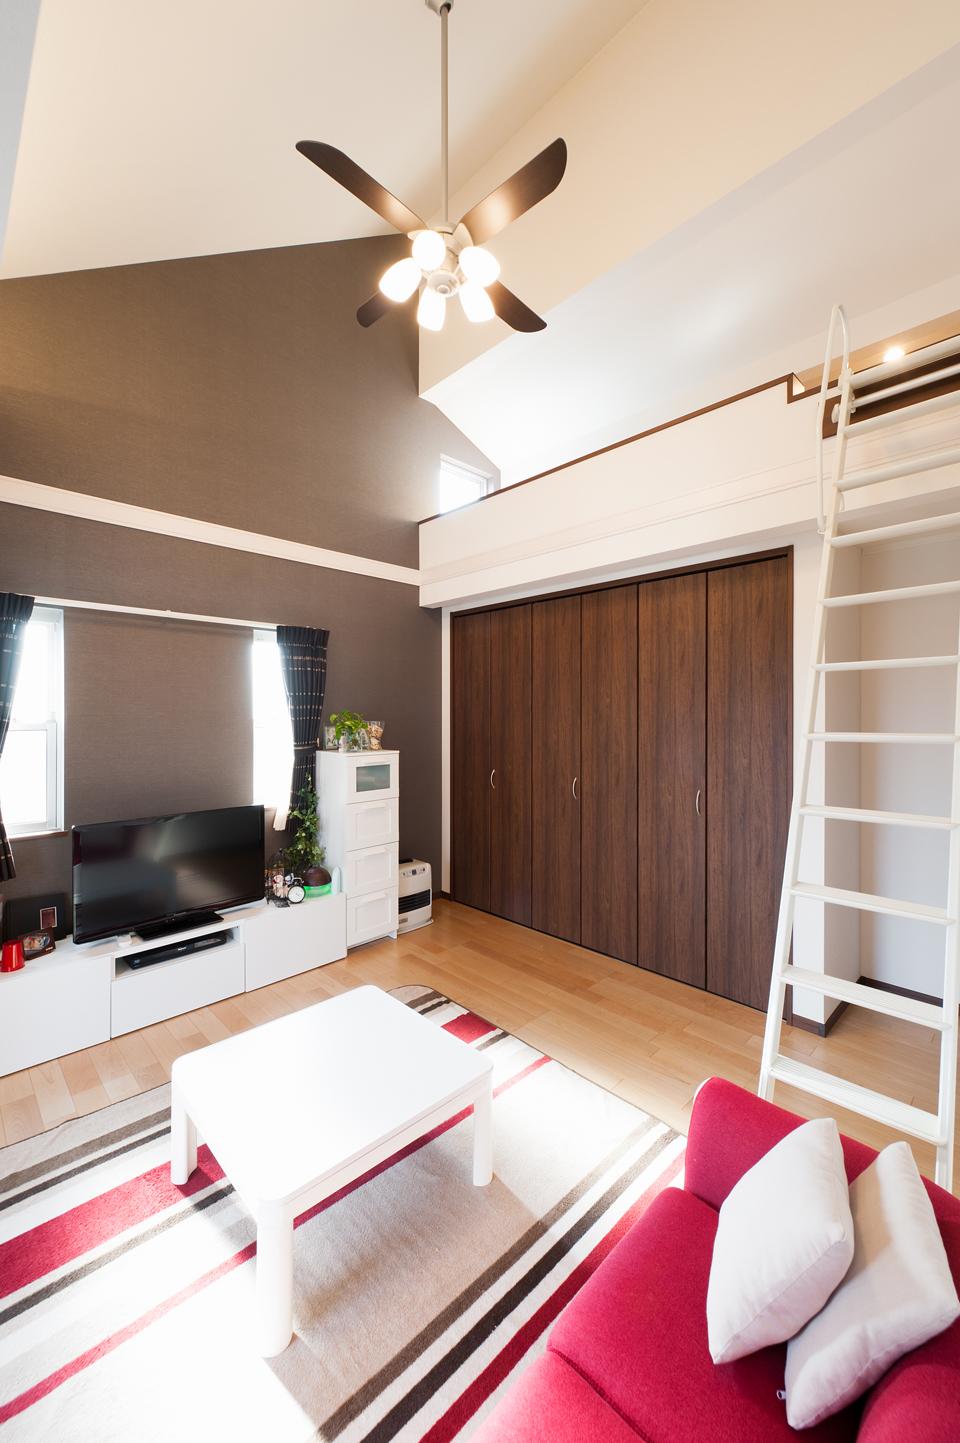 シーリングファンを設置した勾配天井とロフトスペースがある2階洋室